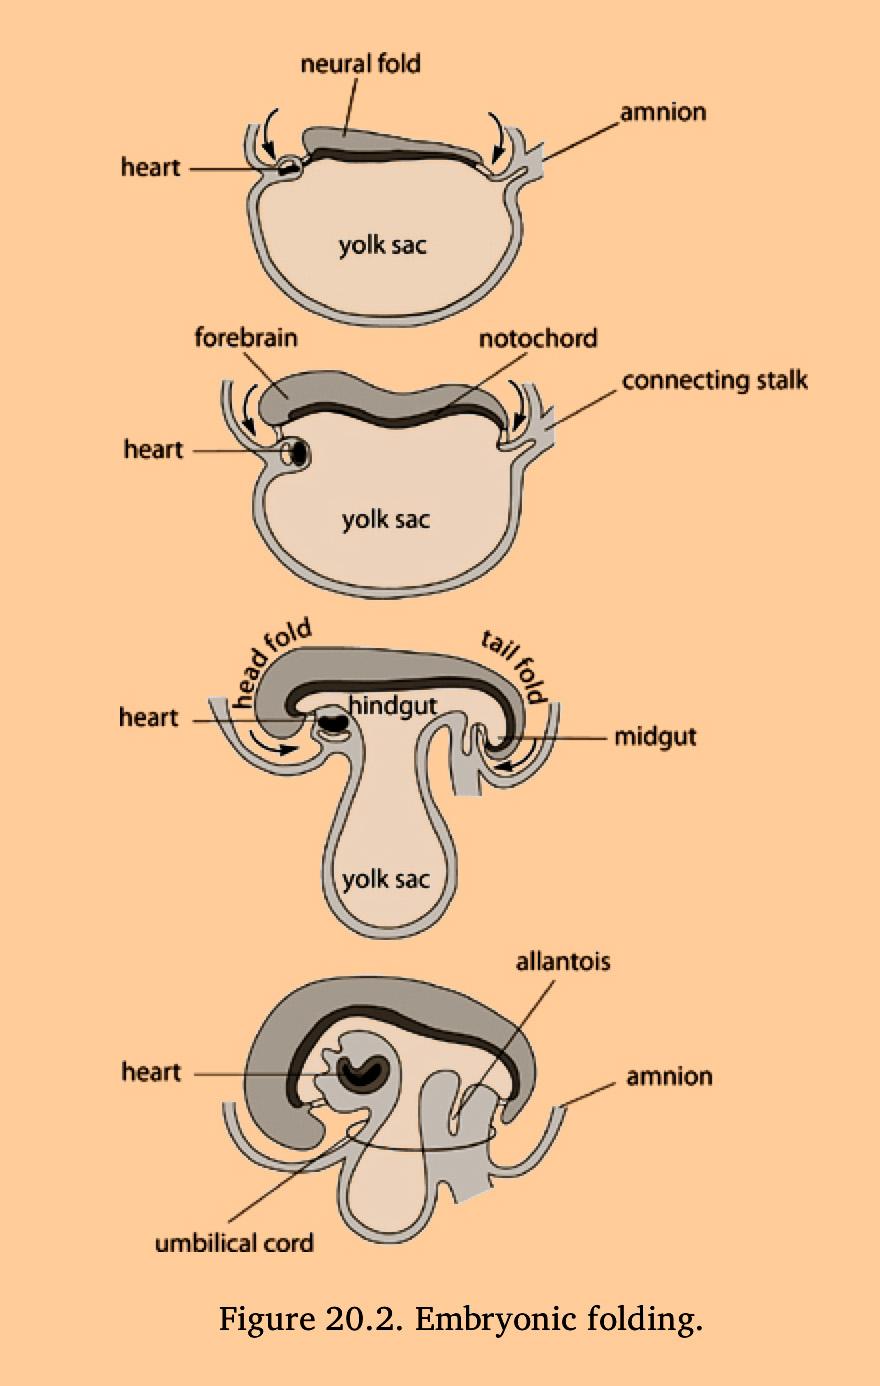 Sills, Franklyn, Foundations in Craniosacral Biodynamics, Vol .1: The Breath of Life and Fundamental Skills (2011)